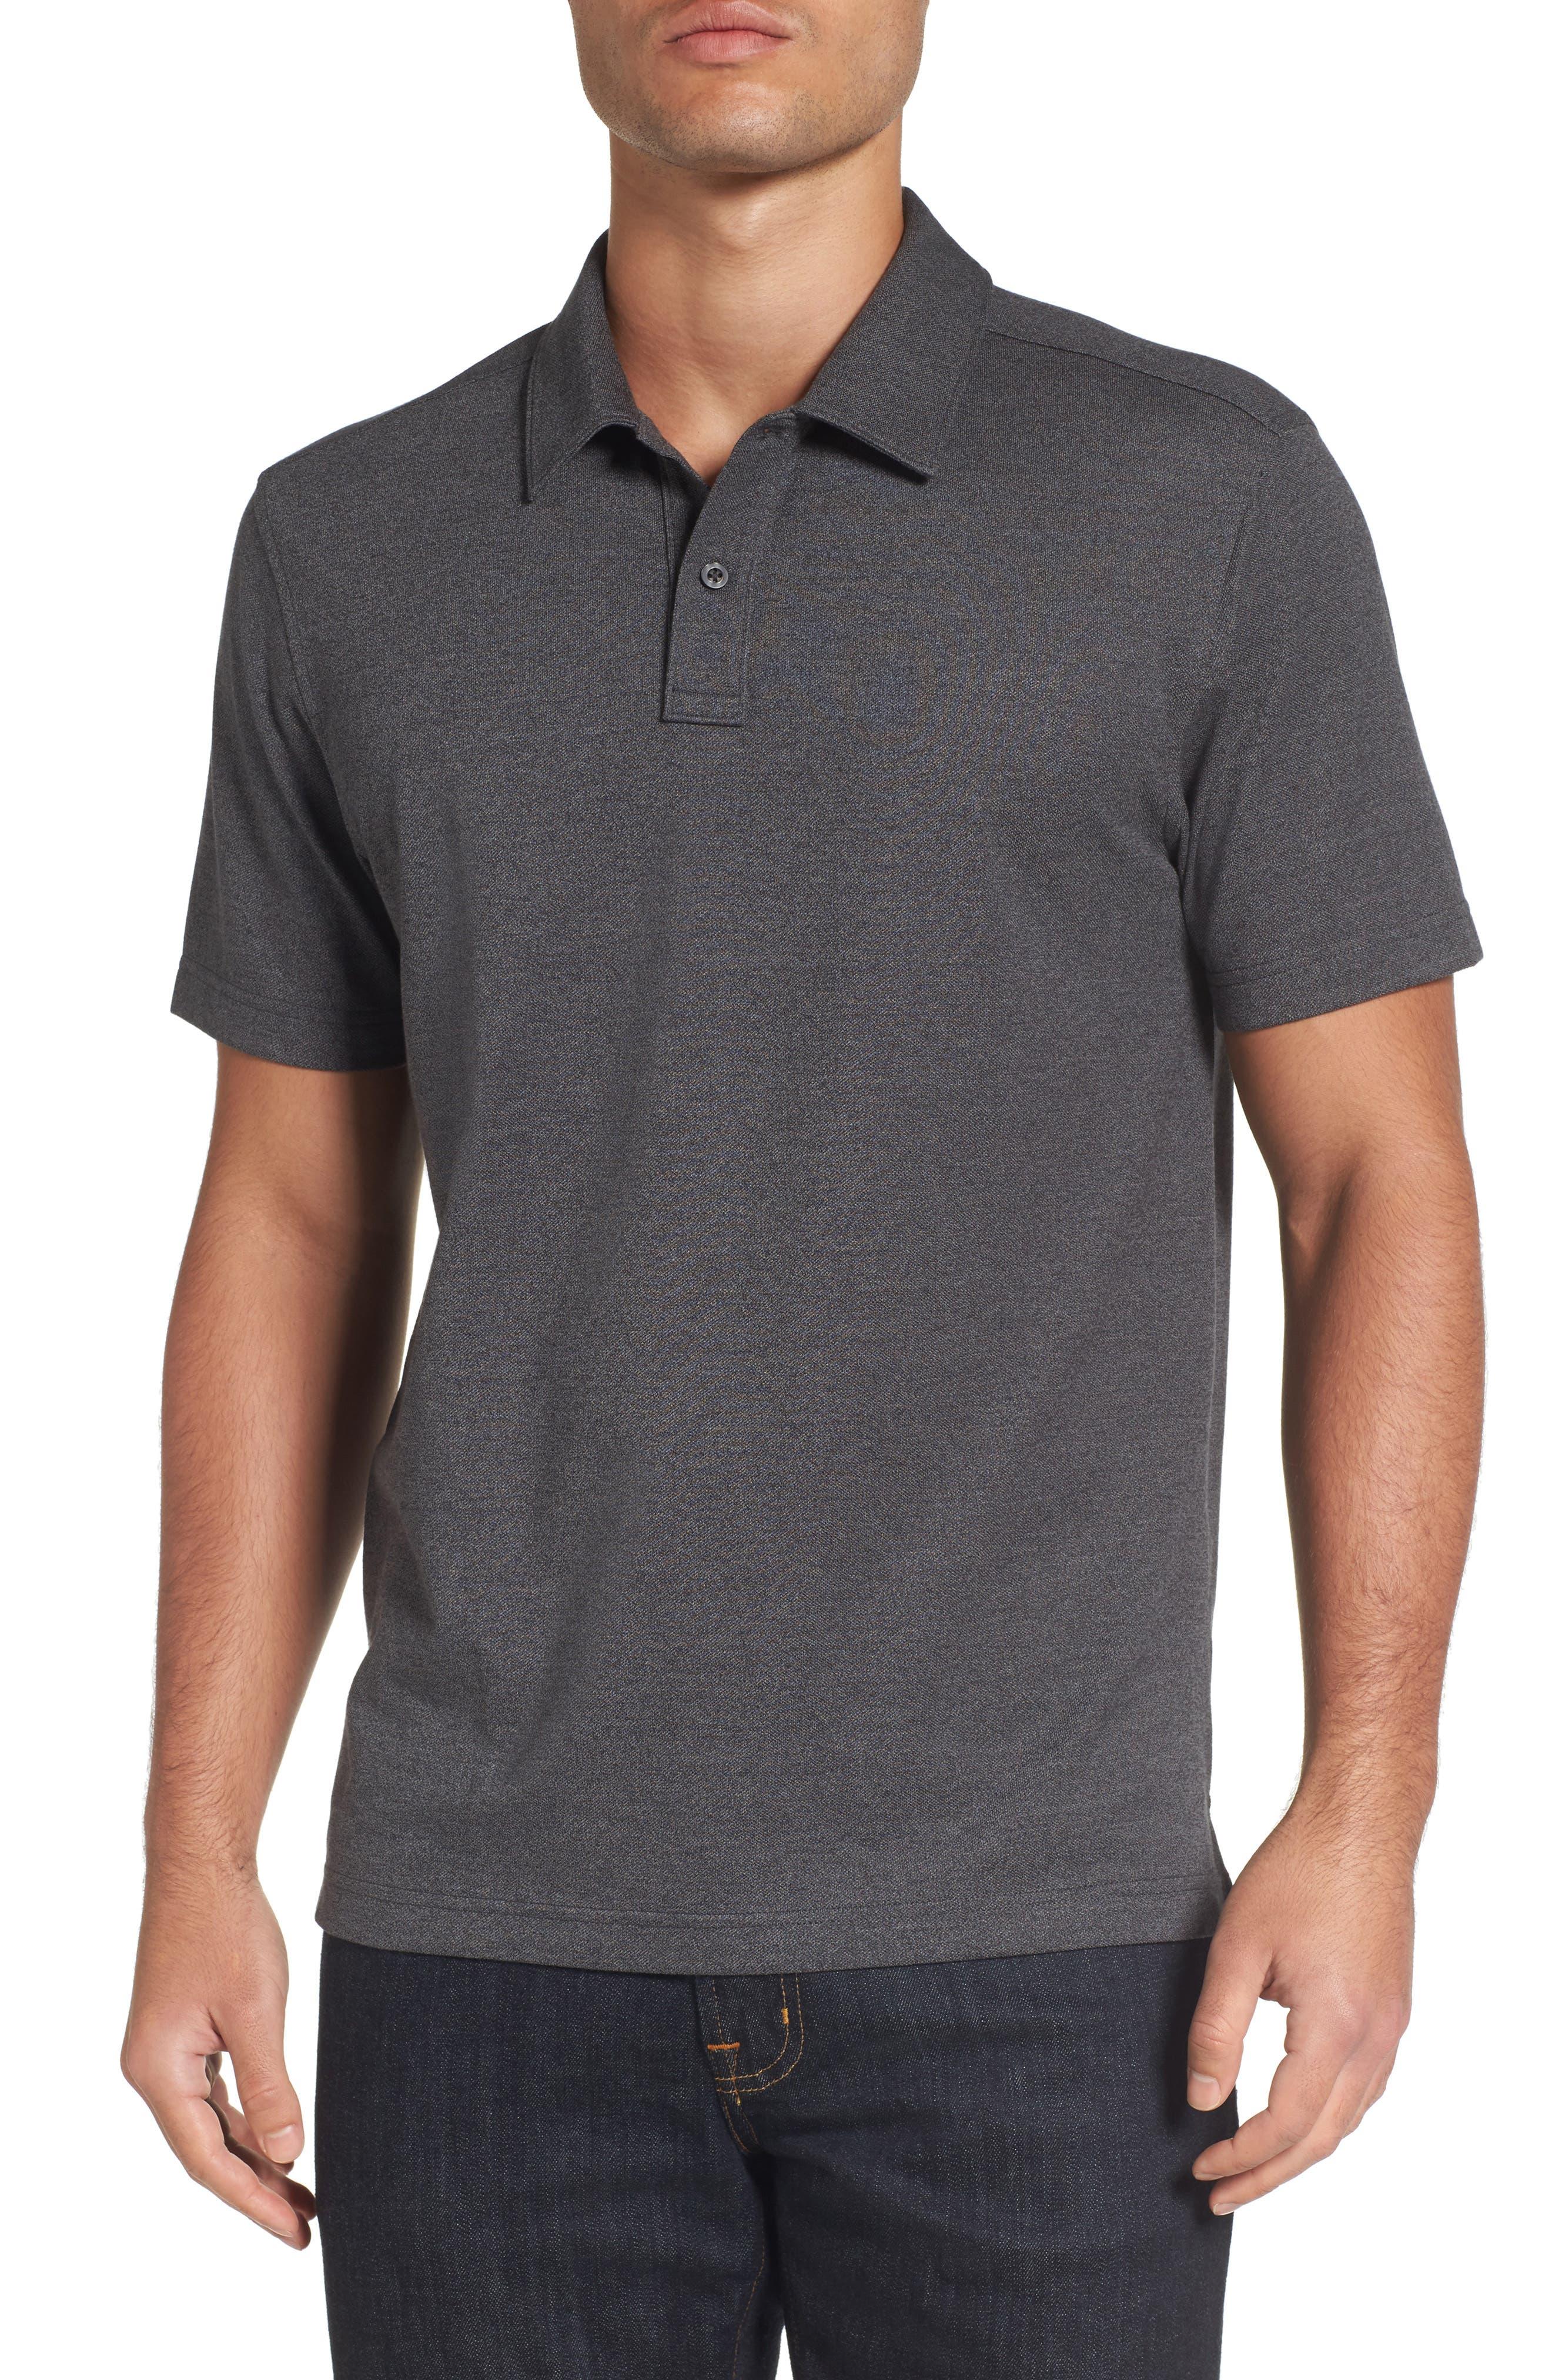 Nordstrom Men's Shop Regular Fit Polo (Regular, Big & Tall)